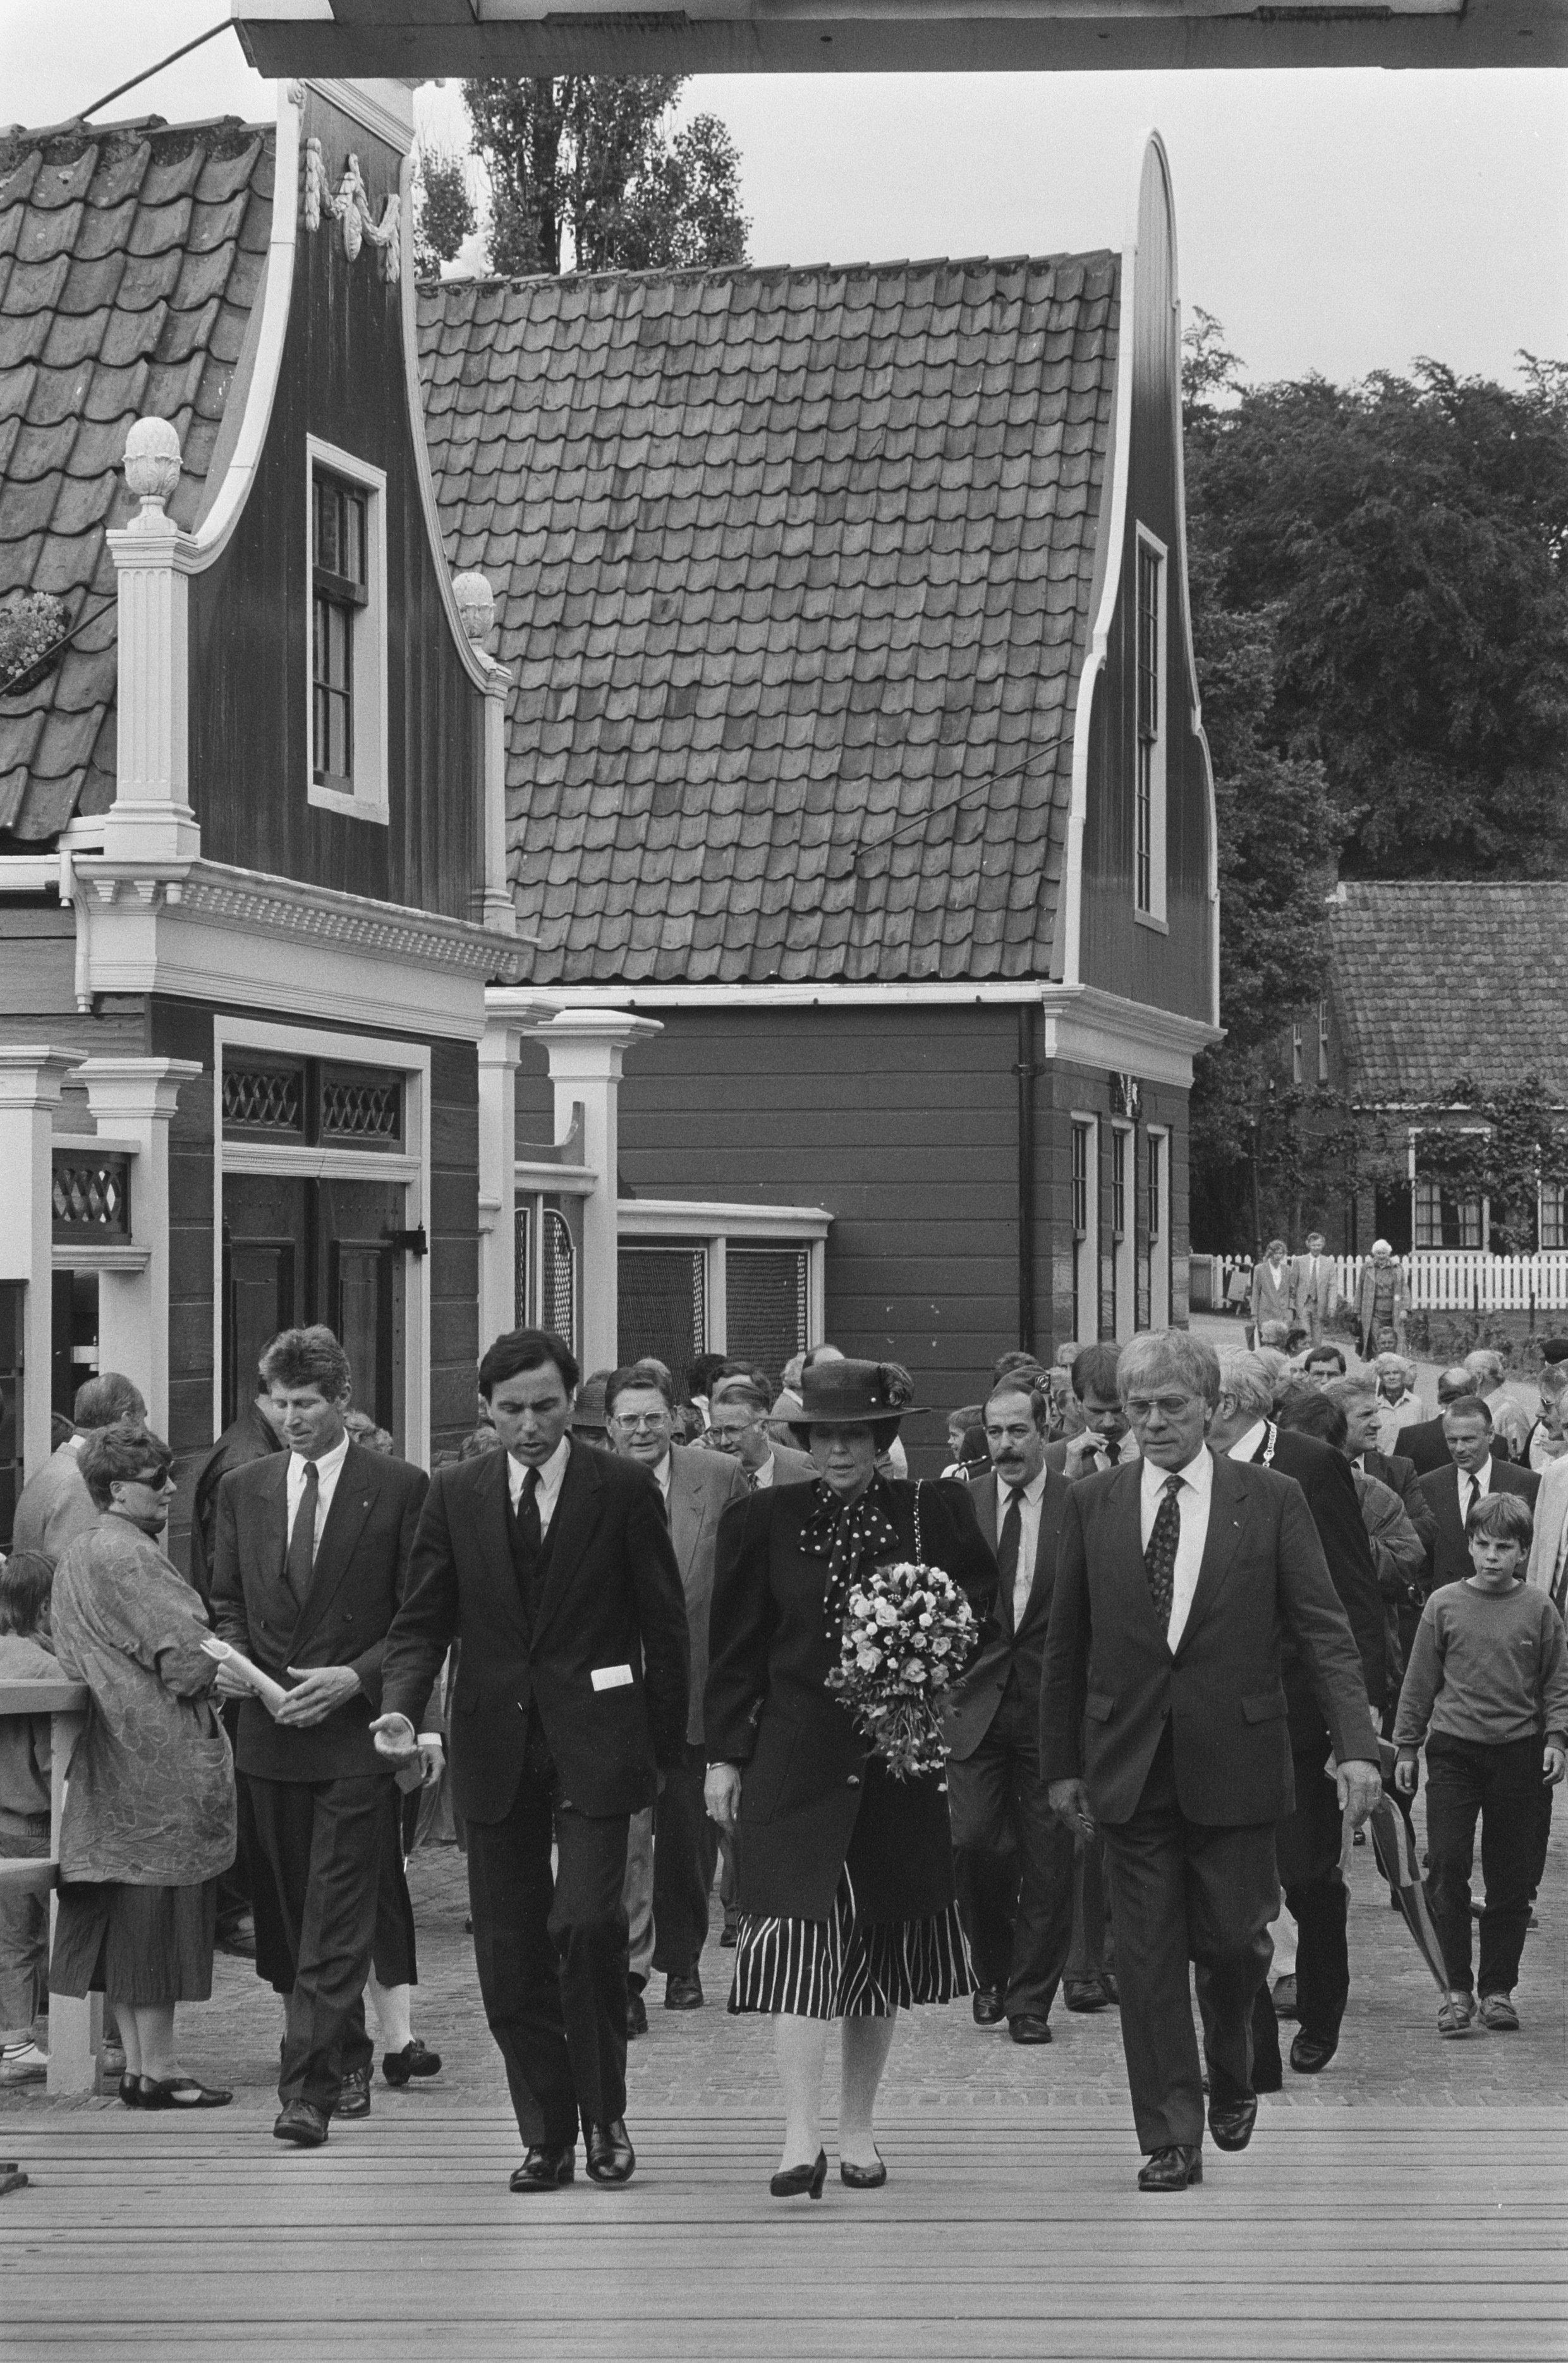 koningin beatrix is jarig op File:Koningin Beatrix (m) bezoekt Openluchtmuseum in Arnhem bij 75  koningin beatrix is jarig op